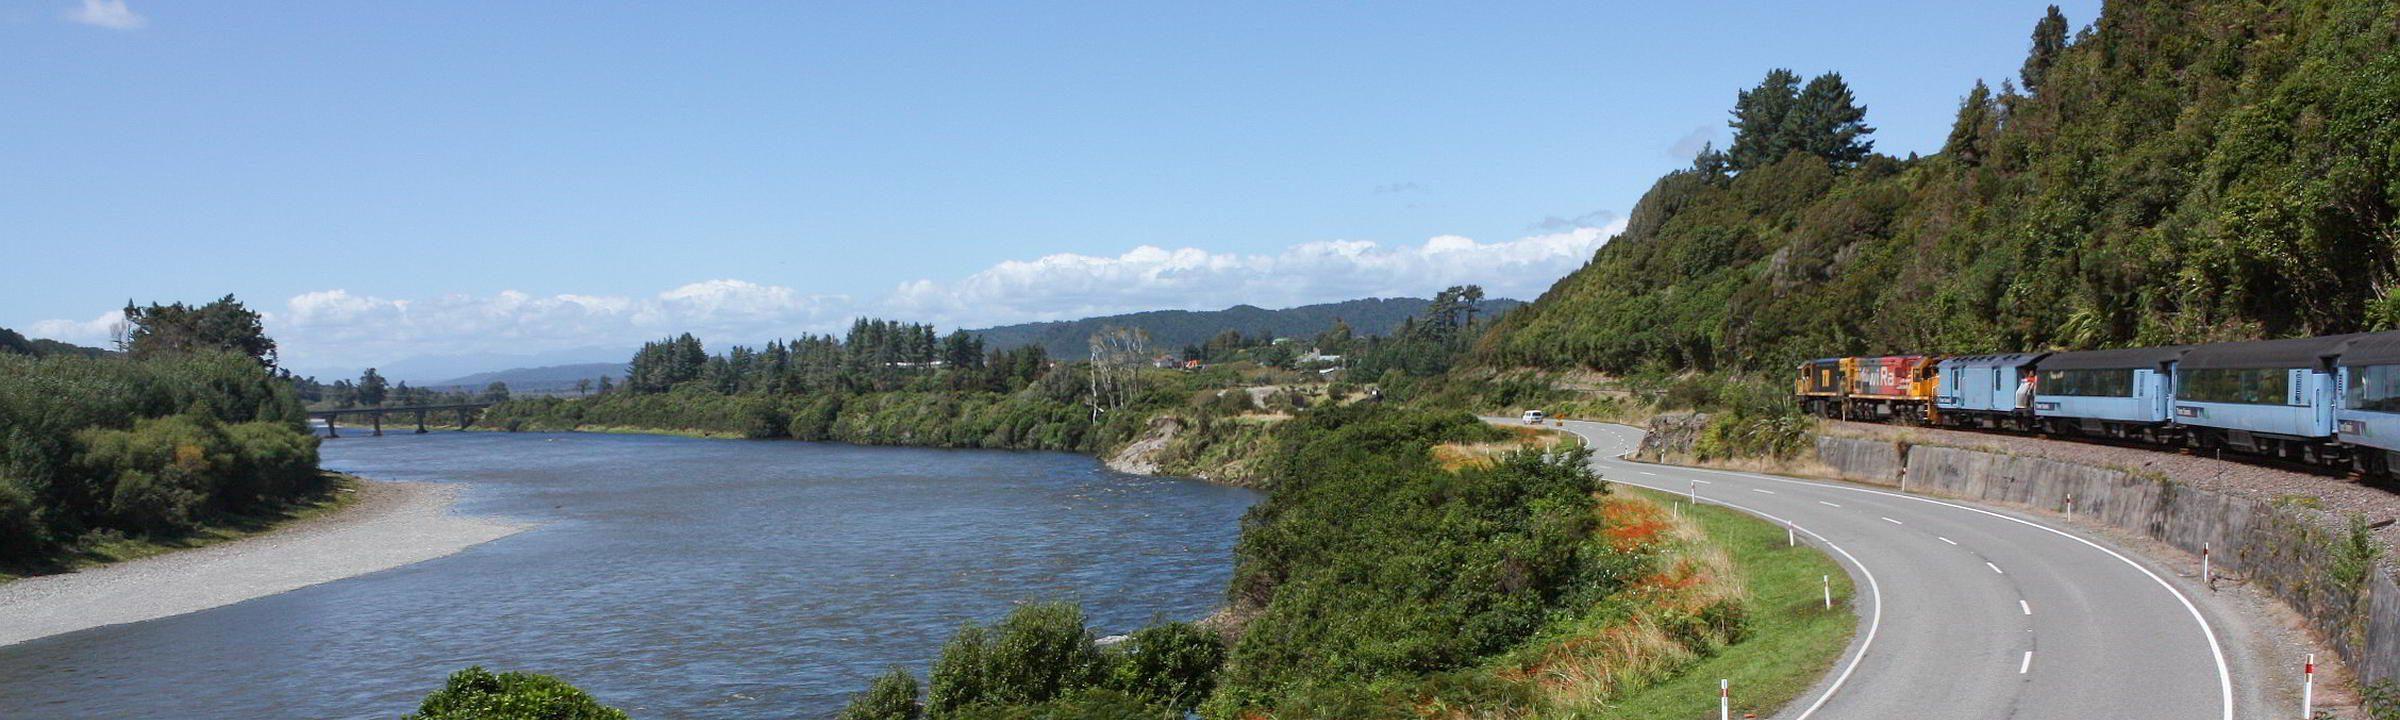 Mit der Eisenbahn auf Neuseeland unterwegs